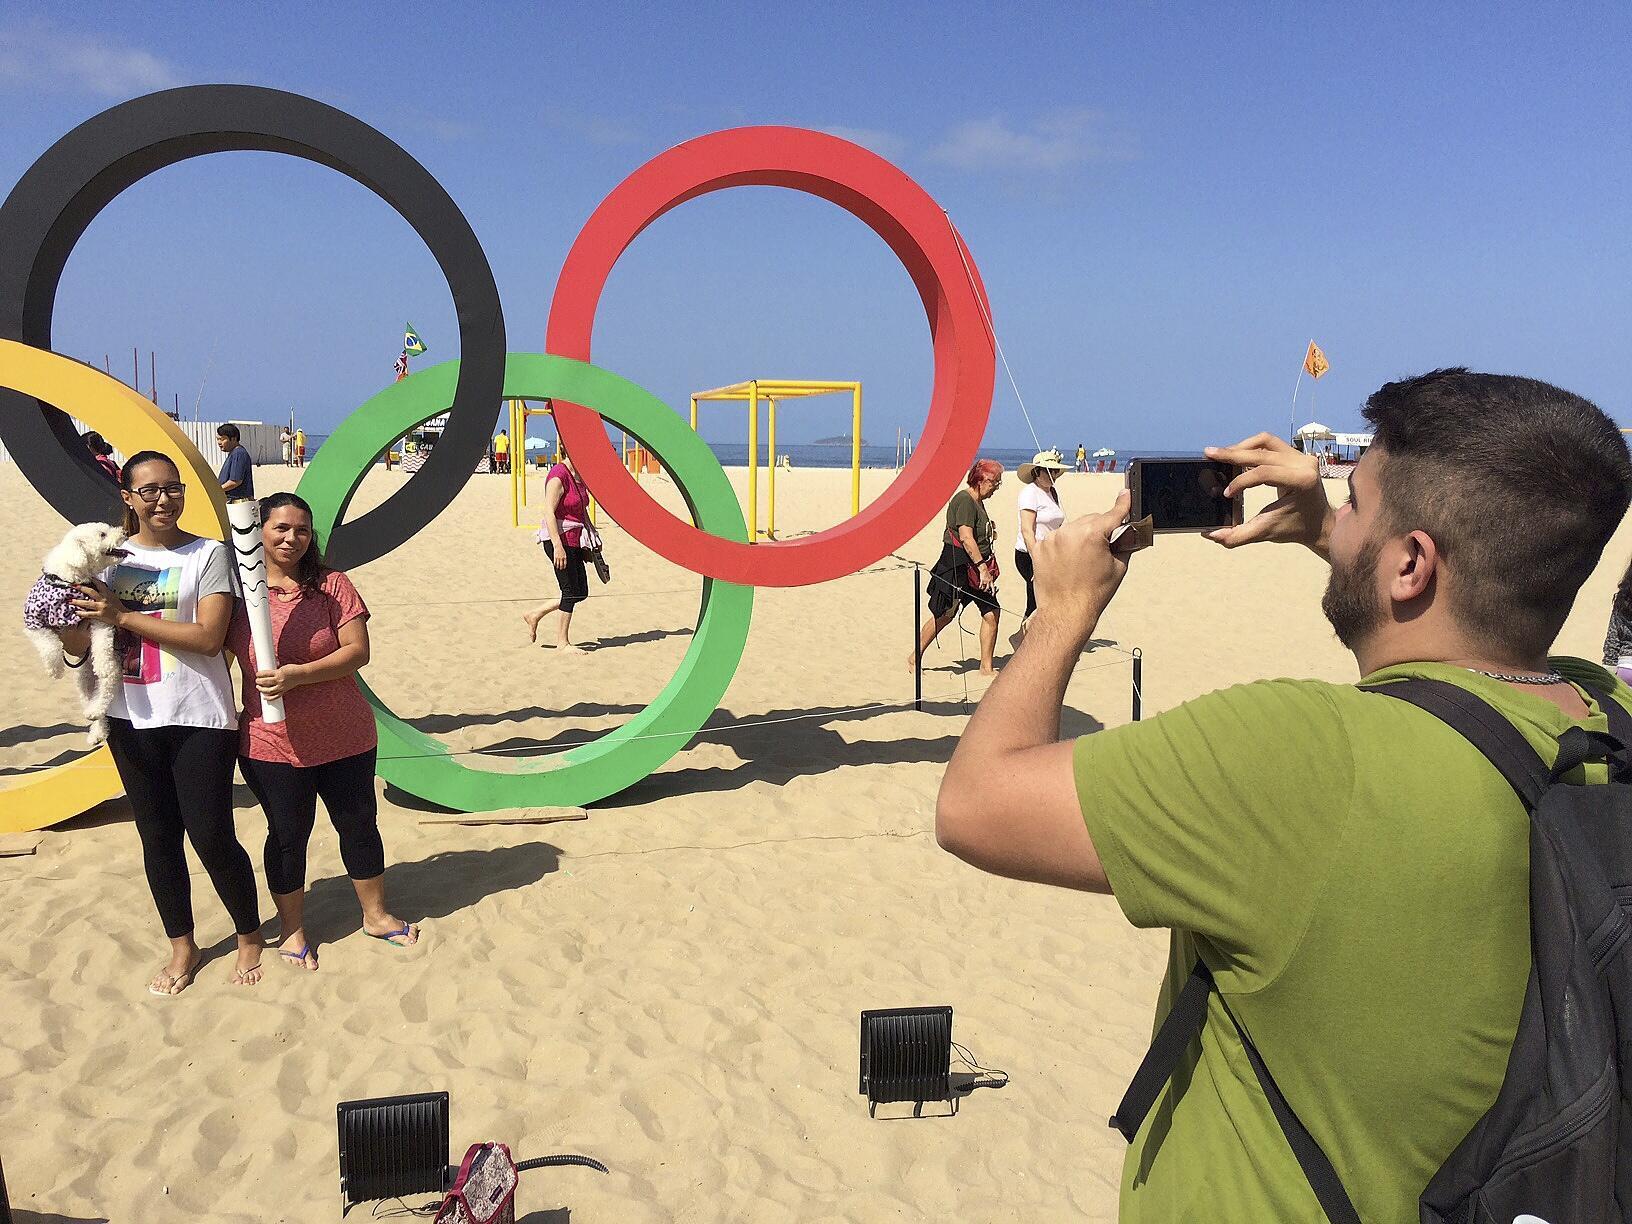 Des touristes posent devant les anneaux olympiques sur la plage de Copacabana à  Rio de Janeiro.